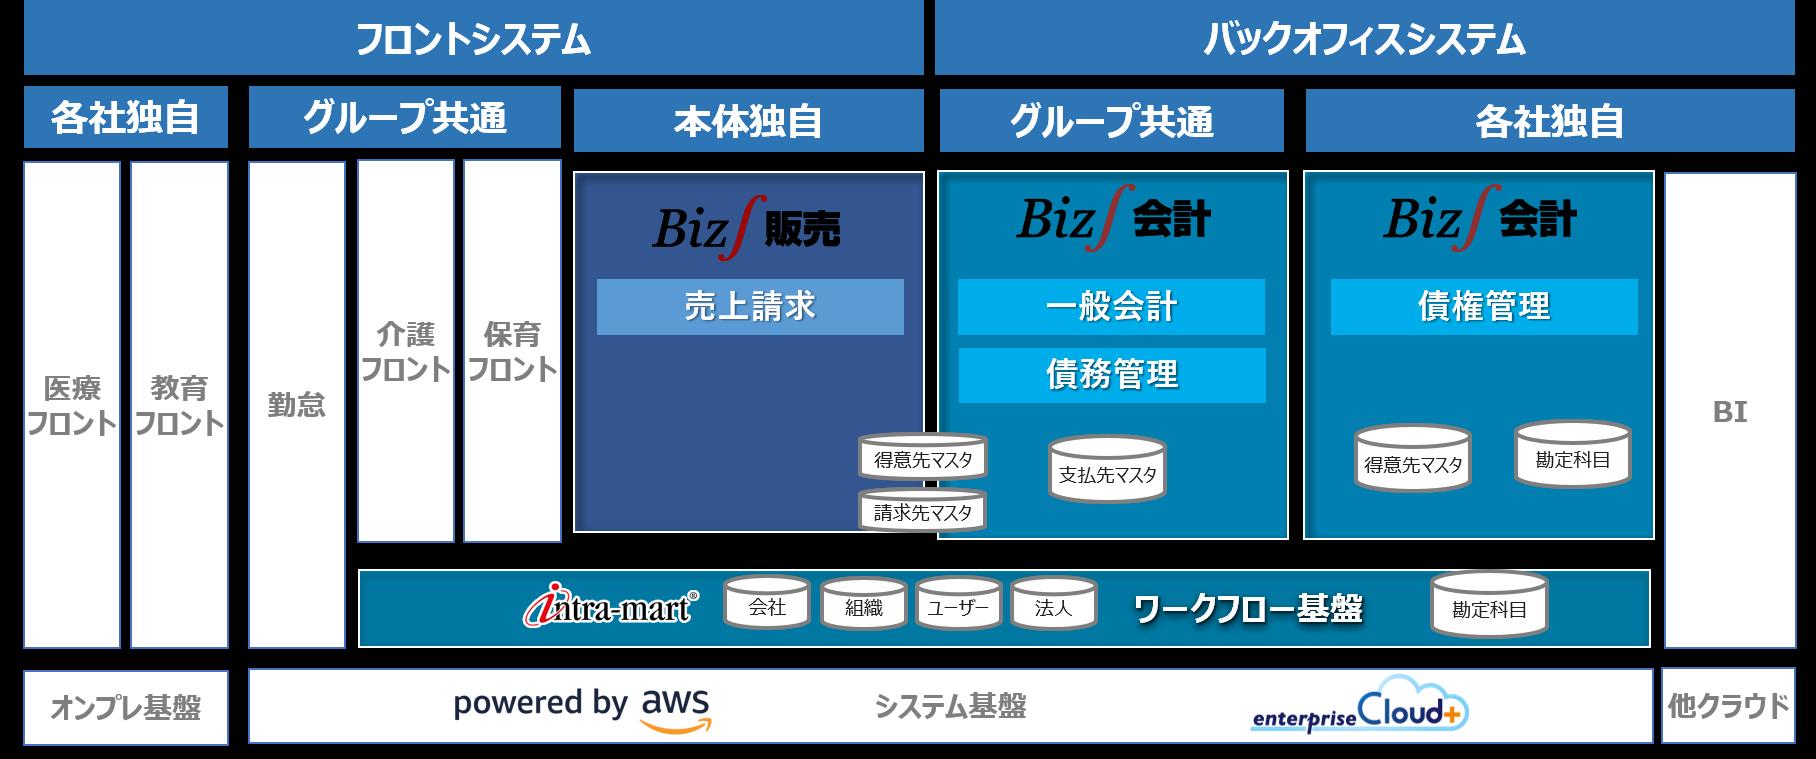 サービス業のERP(基幹システム)構成図(ソラスト様)